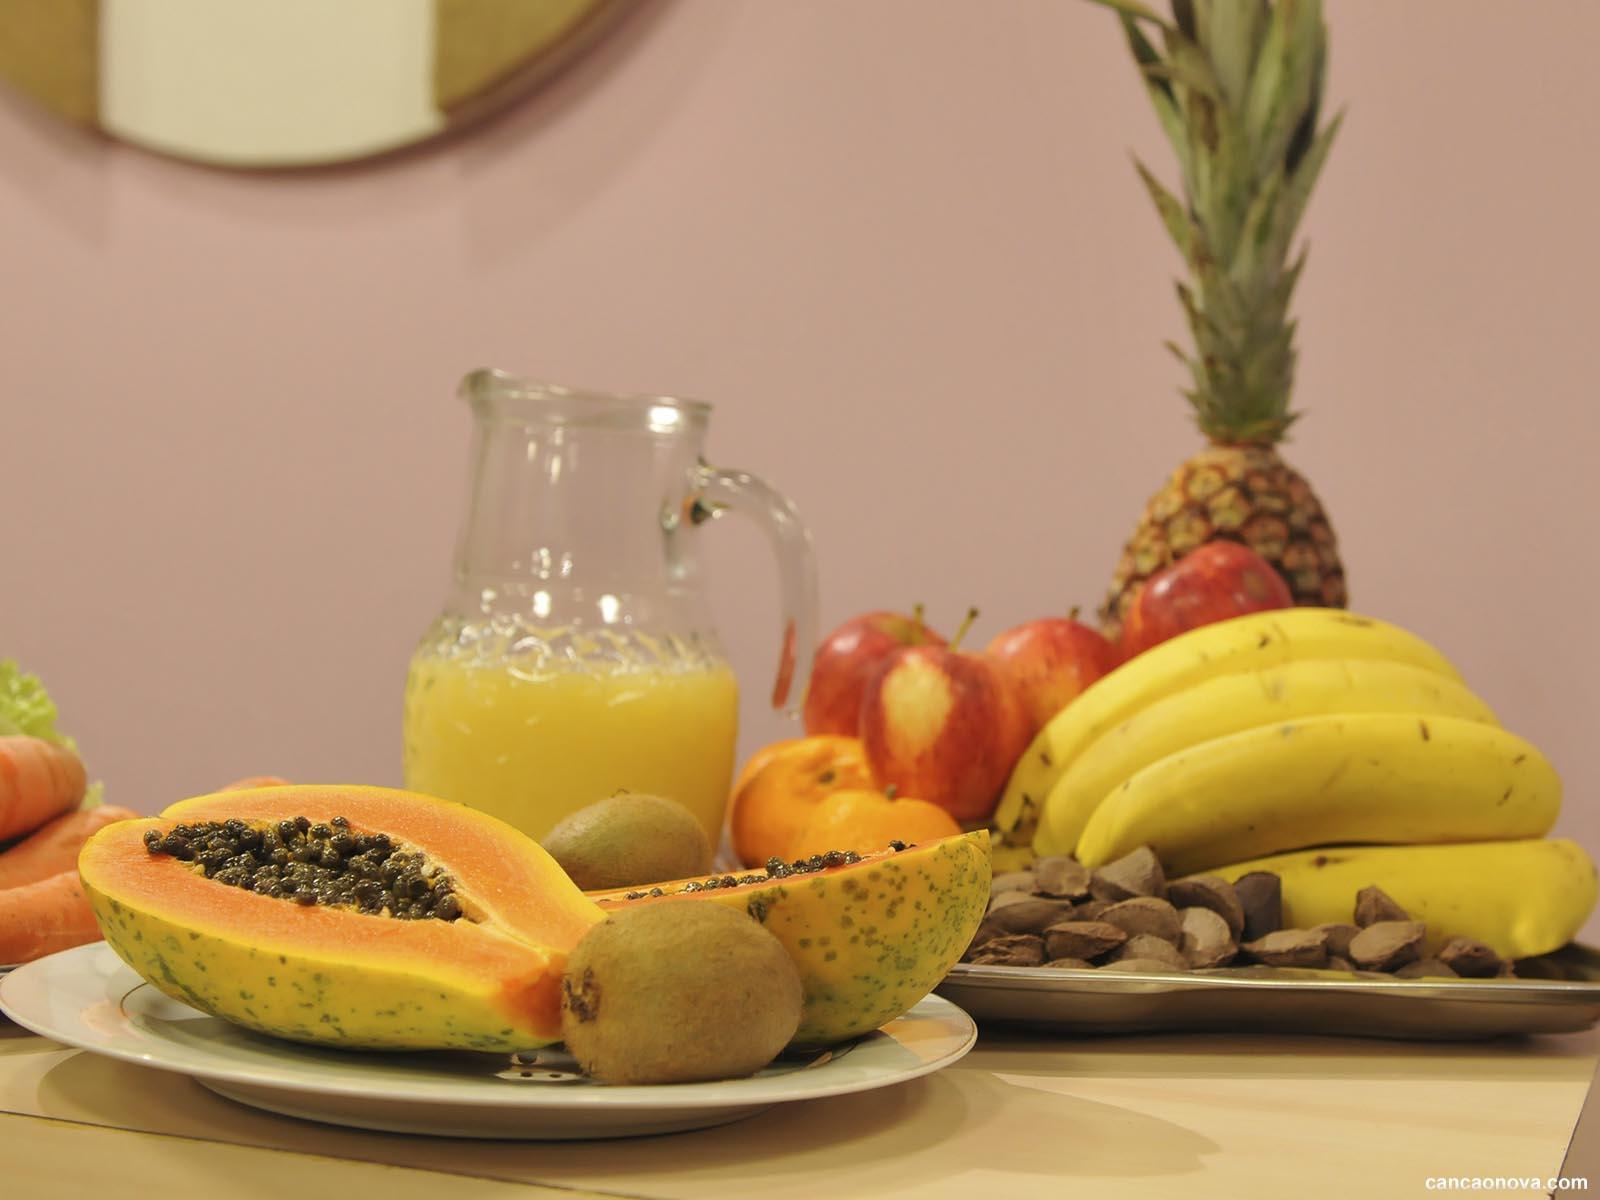 É possível ter uma alimentação saudável com pouco dinheiro